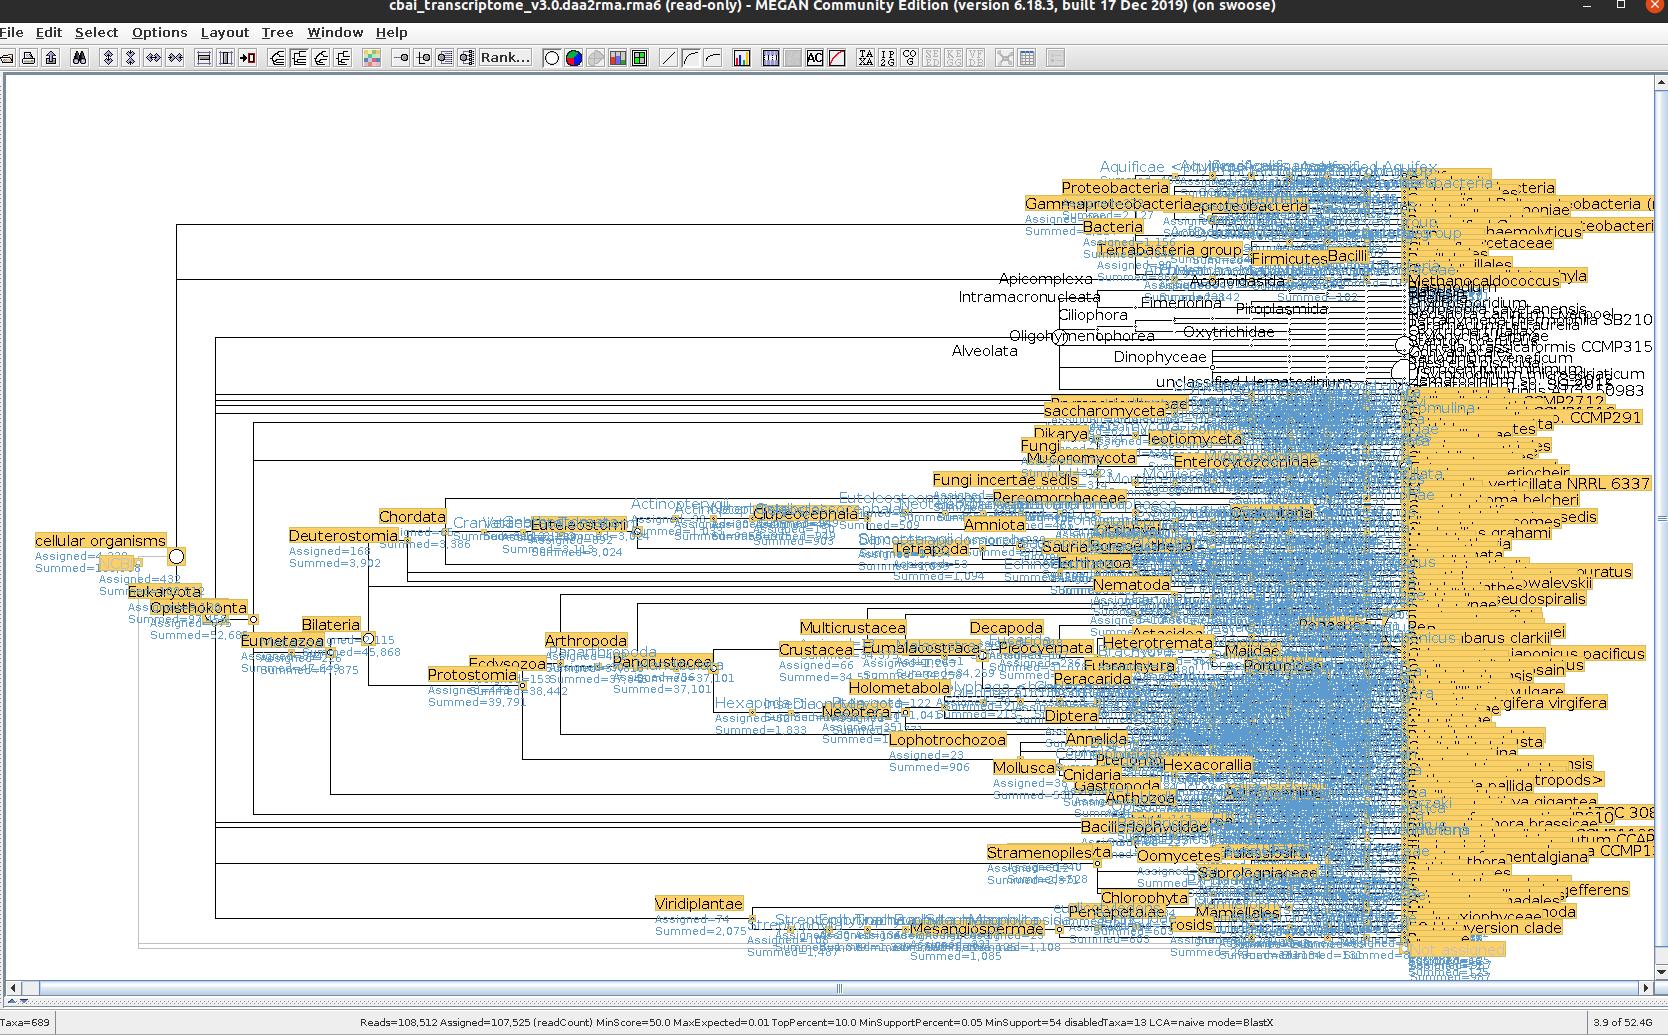 cbai_transcriptome_v3.0 MEGAN non-alveolota taxonomic tree